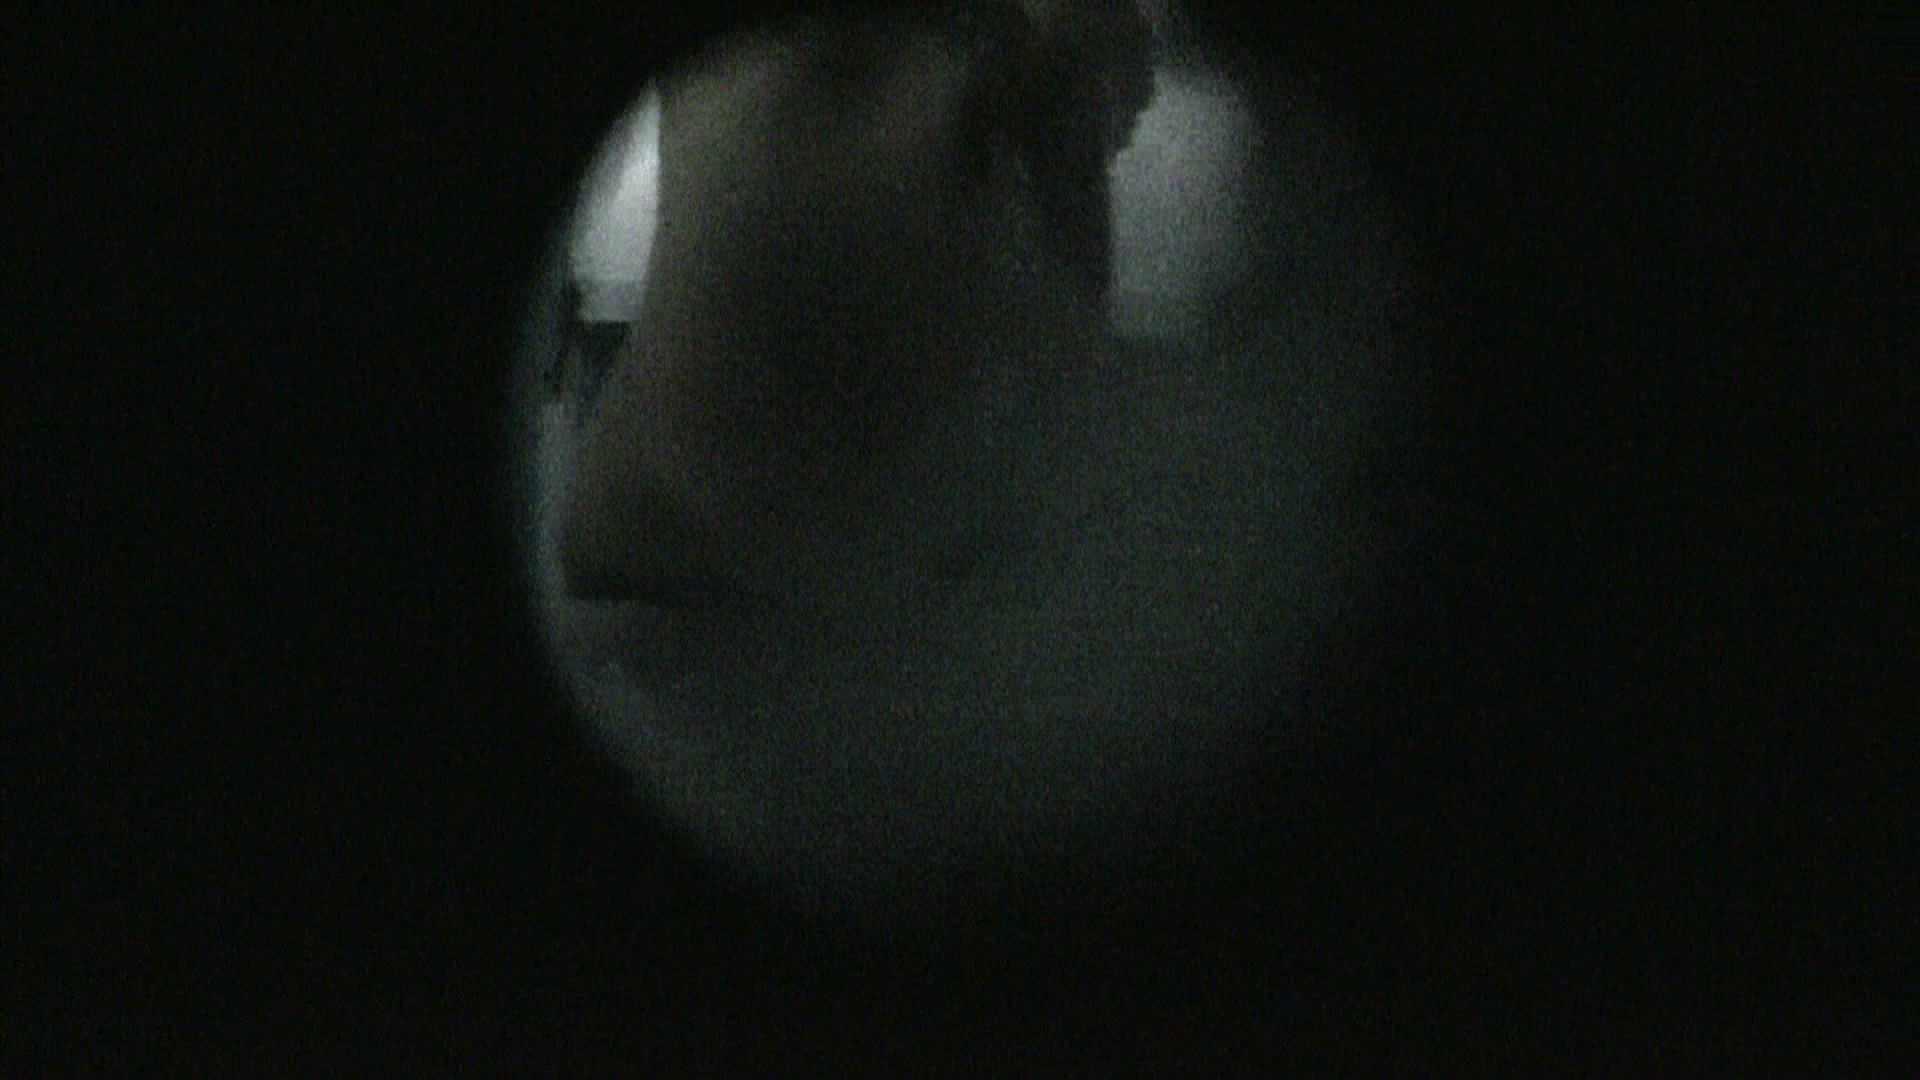 NO.13 暗いですが豪快な砂落としが好印象 シャワー室  89pic 6